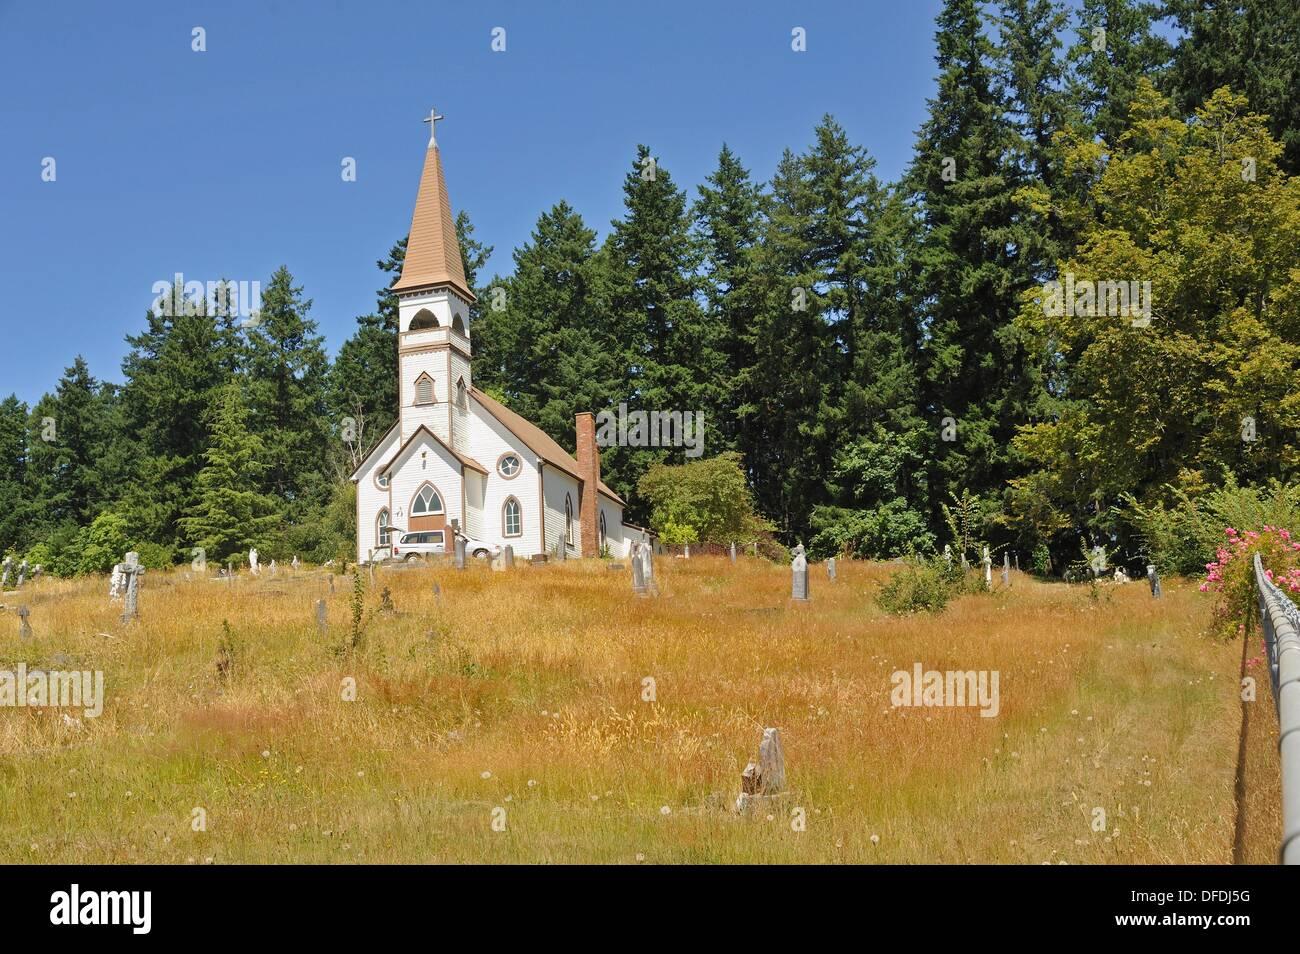 st ann catholic church stock photos u0026 st ann catholic church stock